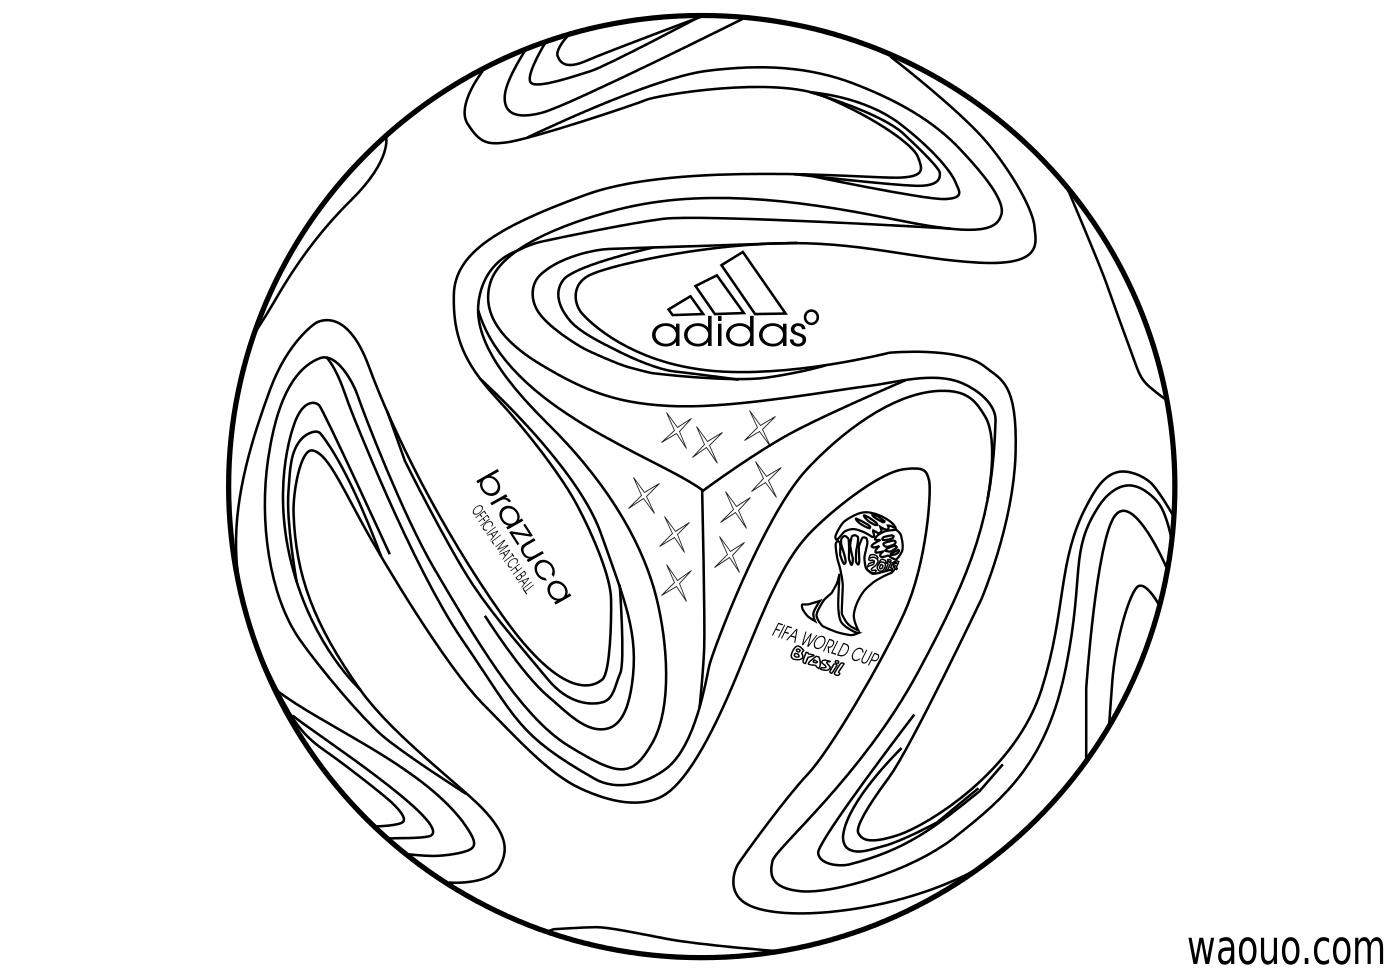 Coloriage Ballon Coupe Du Monde 2014 À Imprimer Et Colorier encequiconcerne Tous Les Coloriages Du Monde